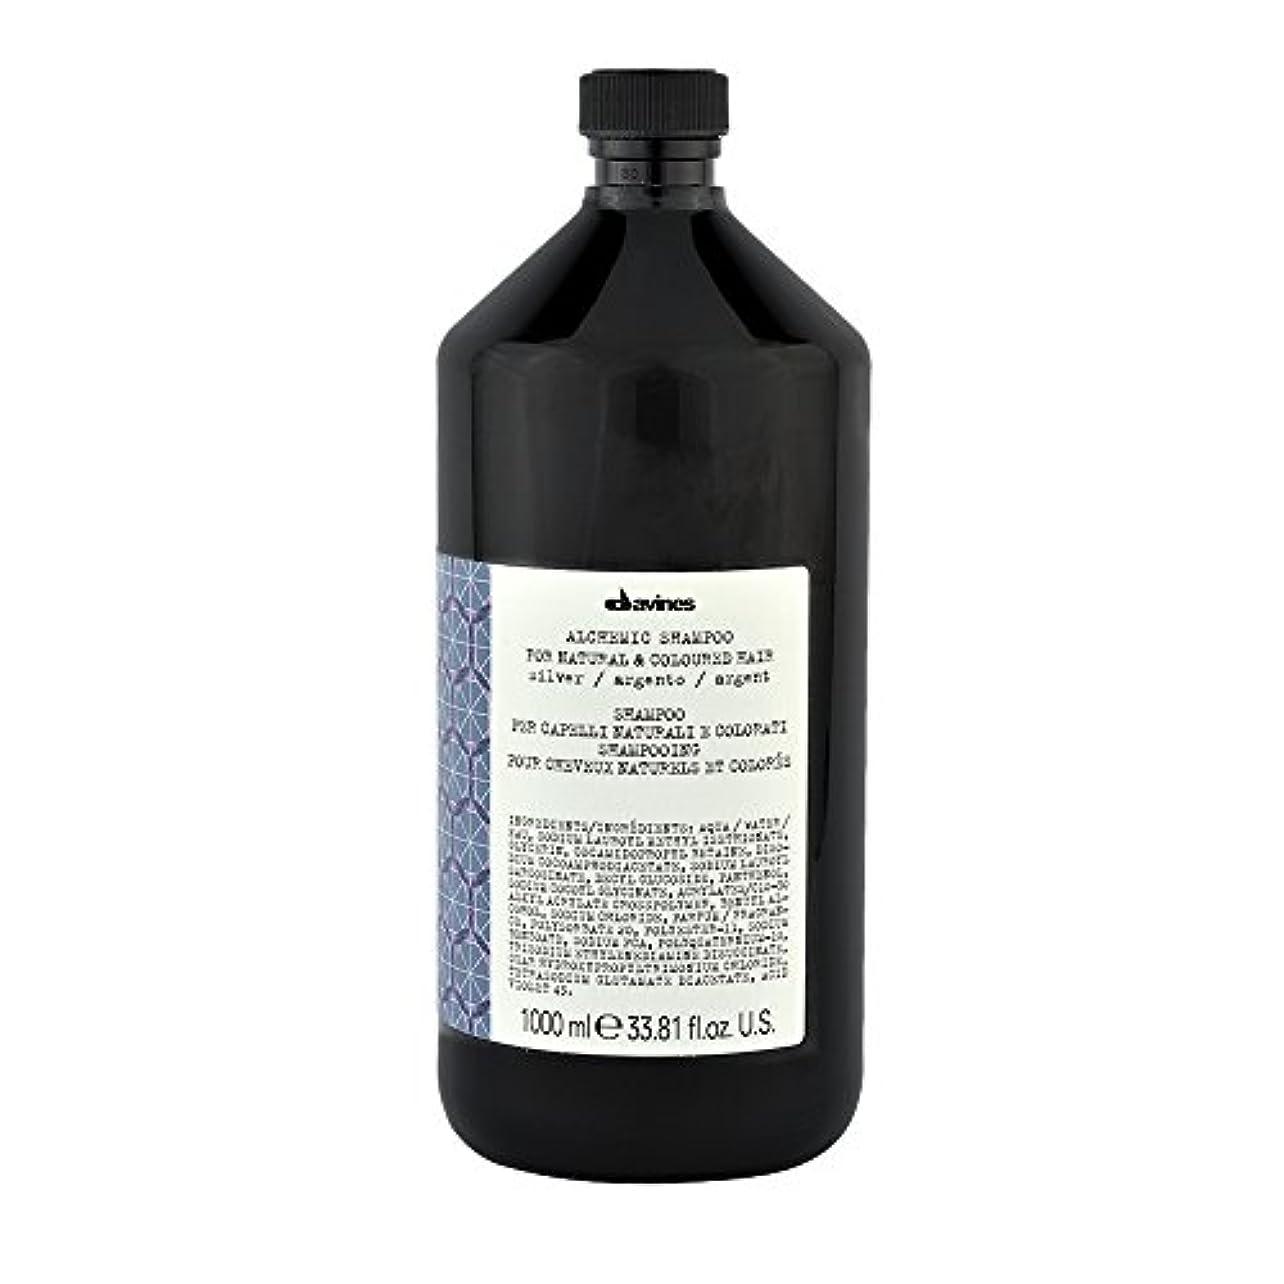 発見部屋を掃除する外向きダヴィネス Alchemic Conditioner - # Silver (For Natural & Coloured Hair) 1000ml/33.81oz並行輸入品